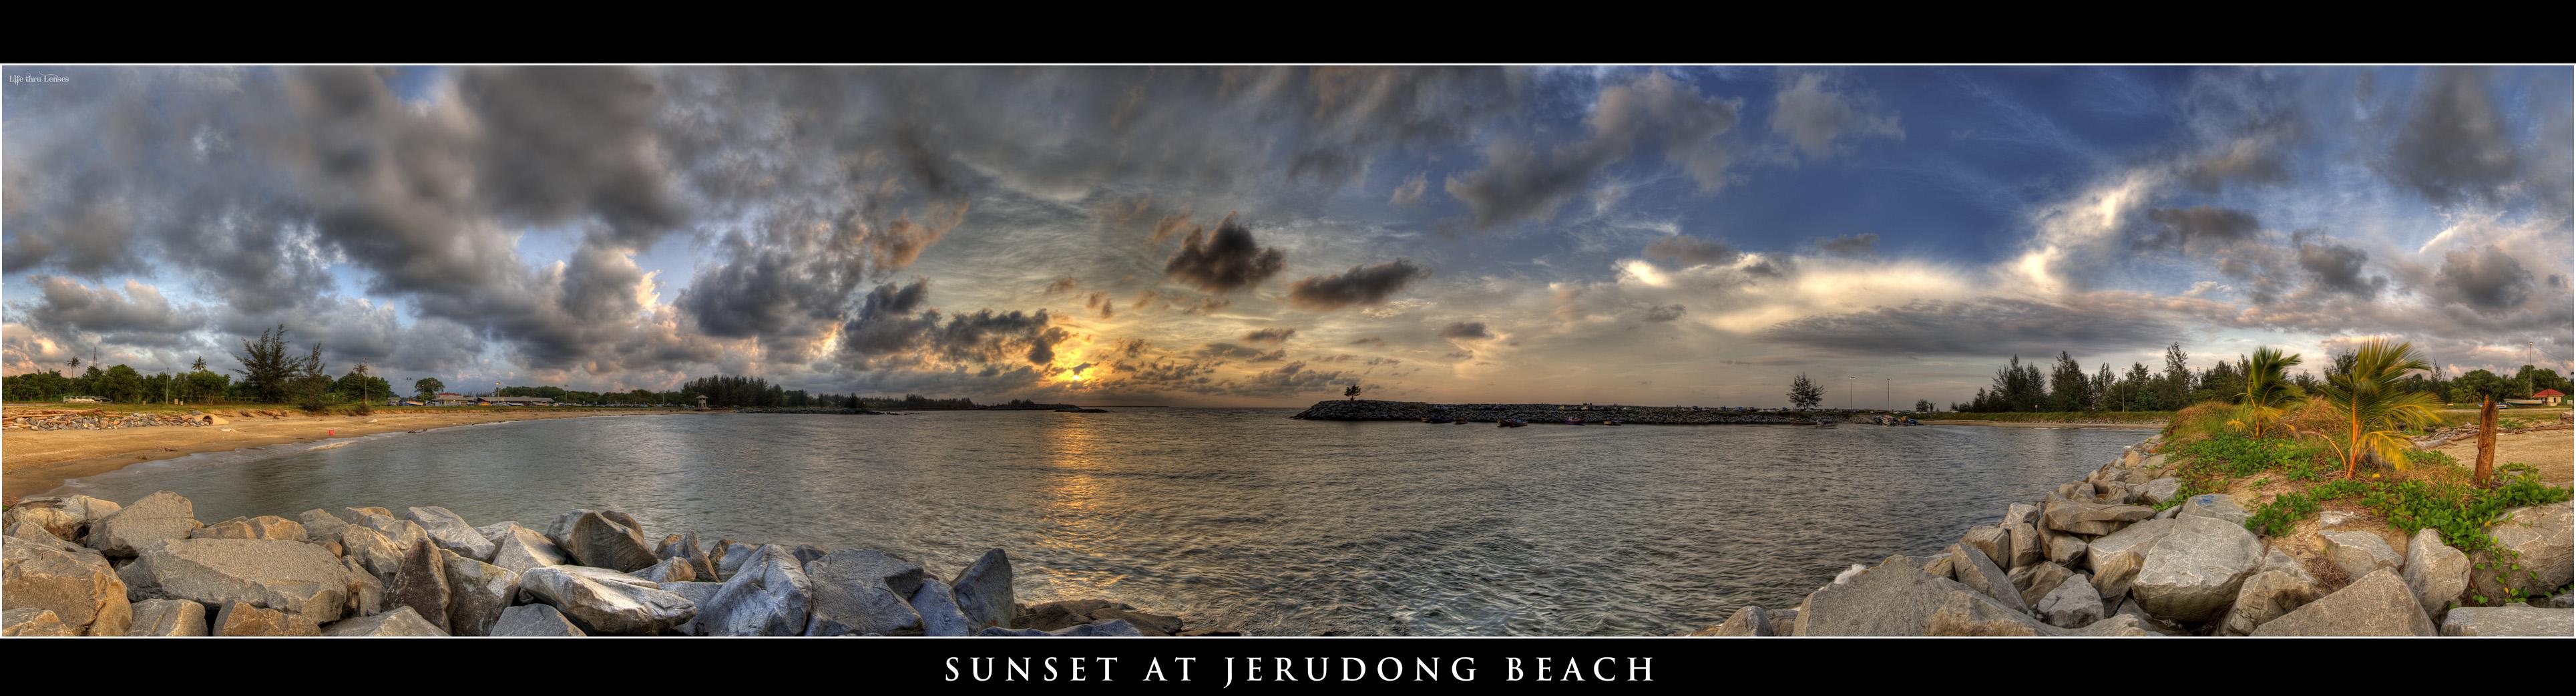 Sunset at Jerudong Beach - HDR Panorama